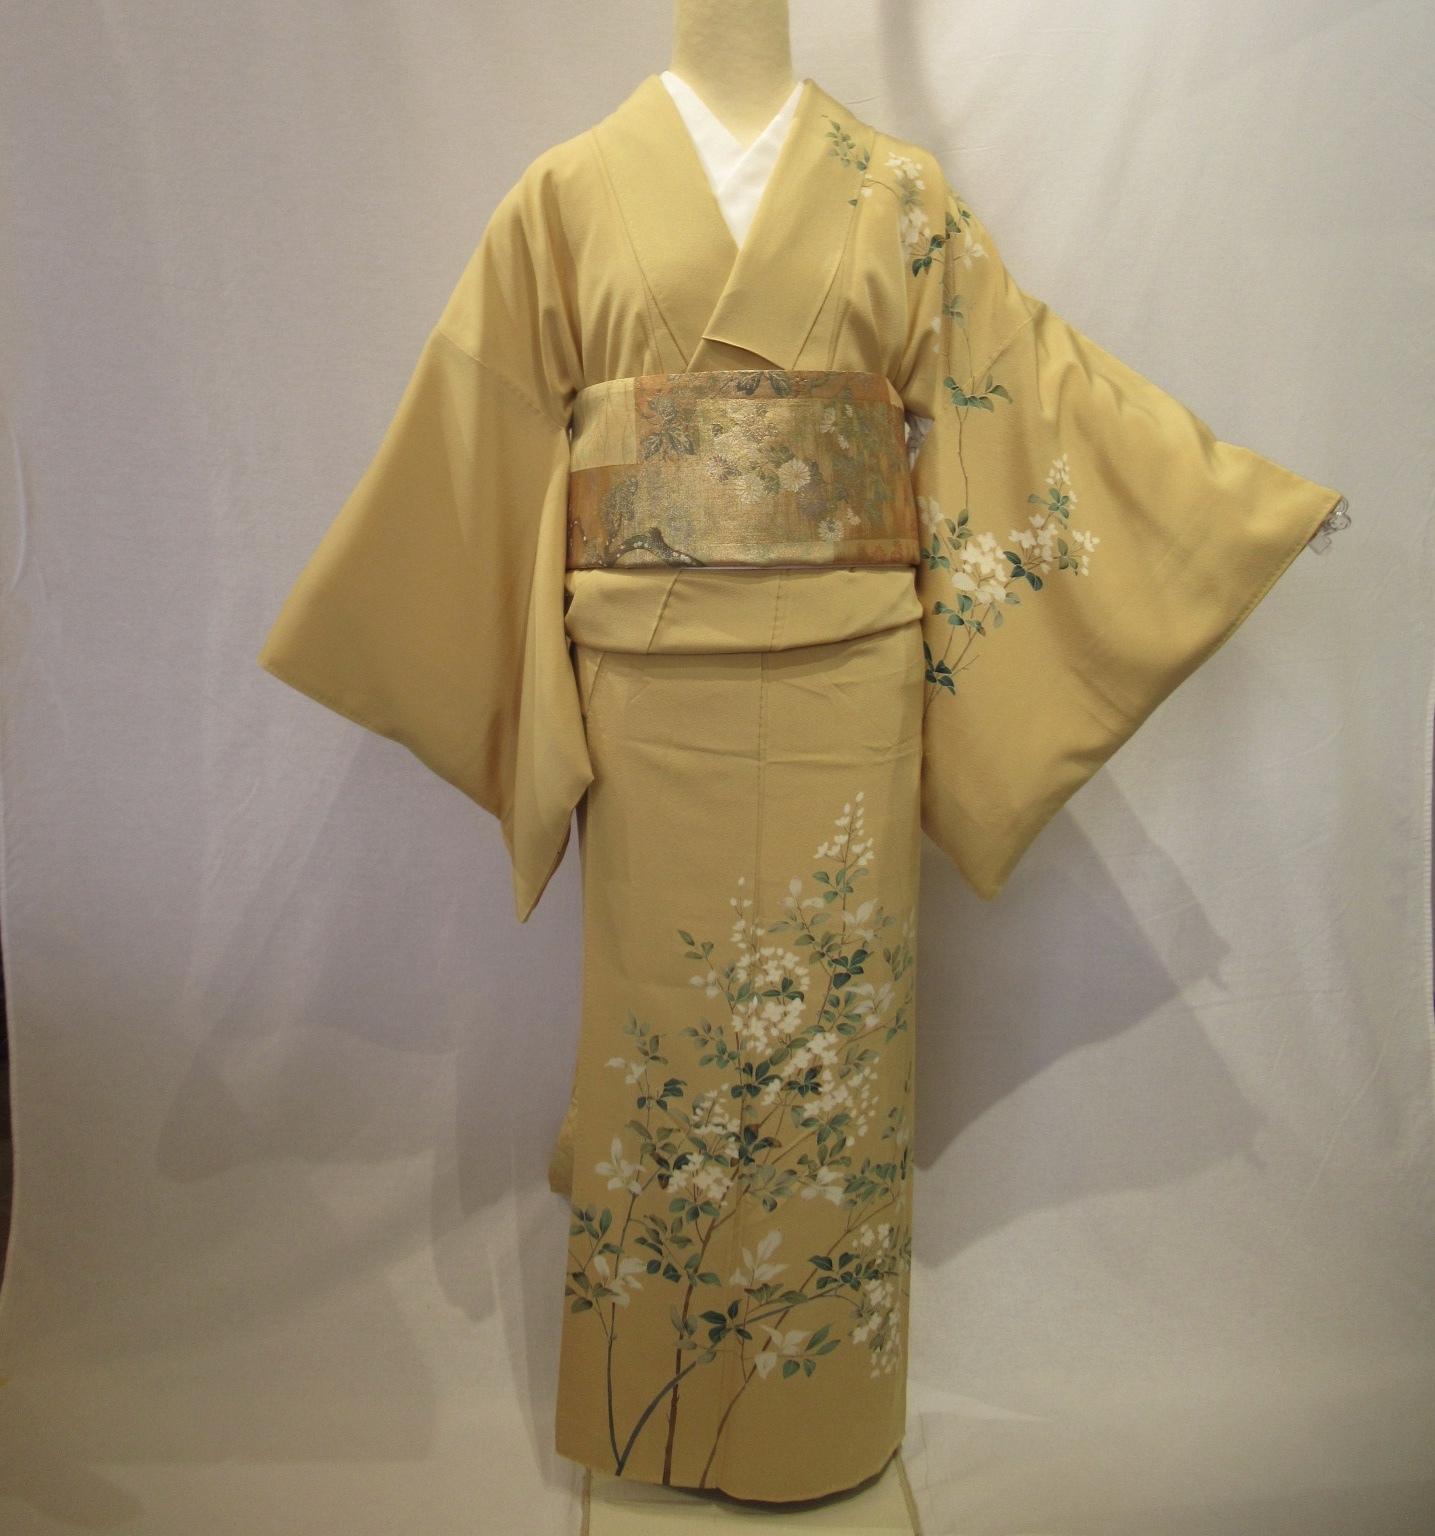 1953加賀友禅訪問着と佐賀錦袋帯セット